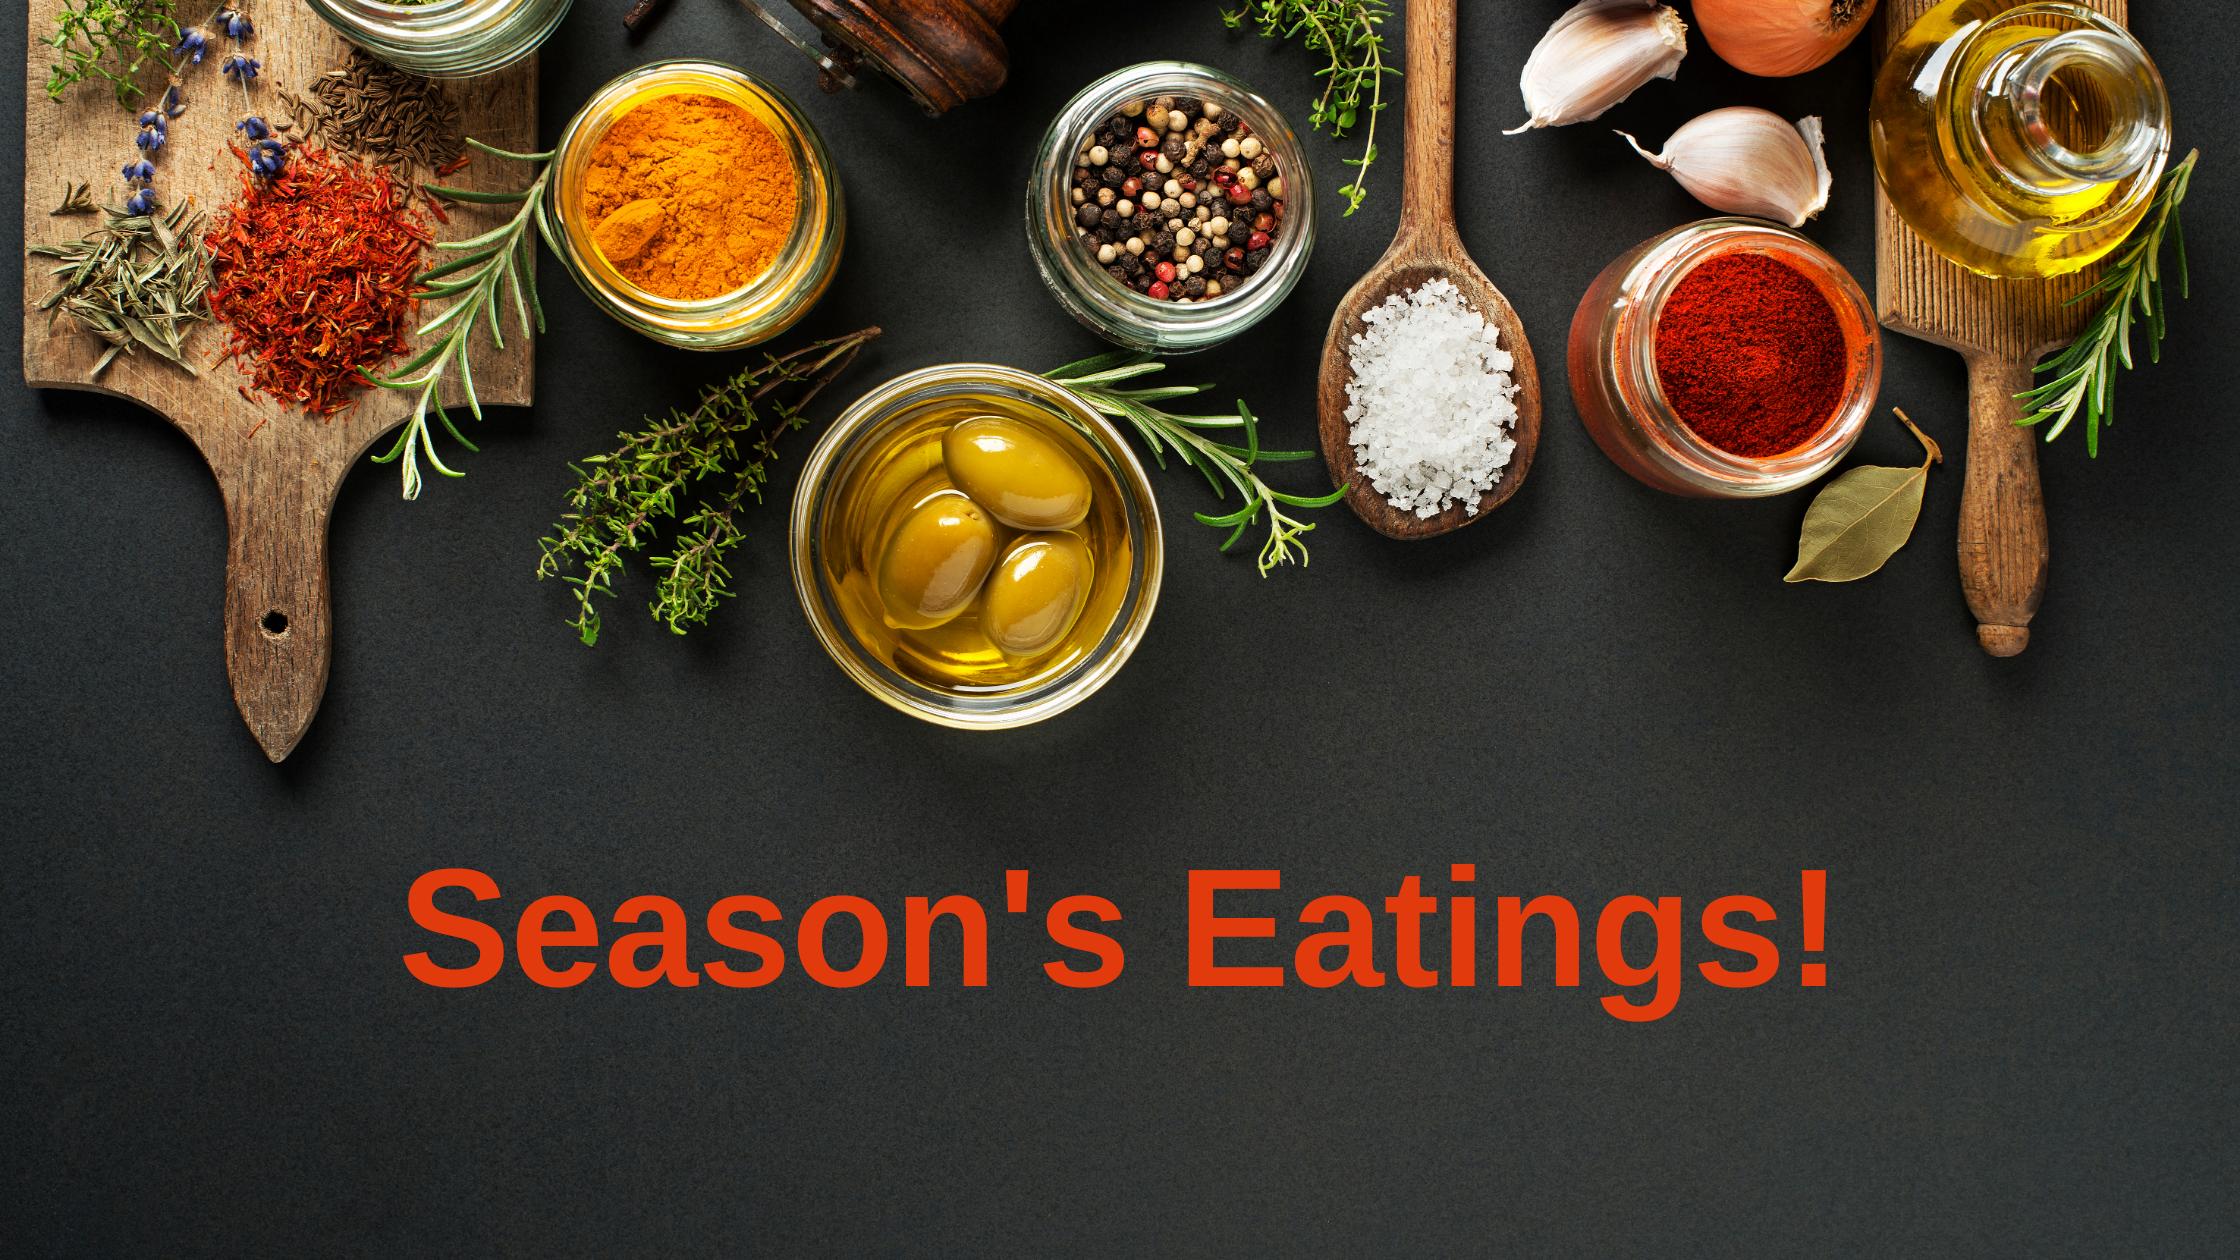 Seasons Eatings